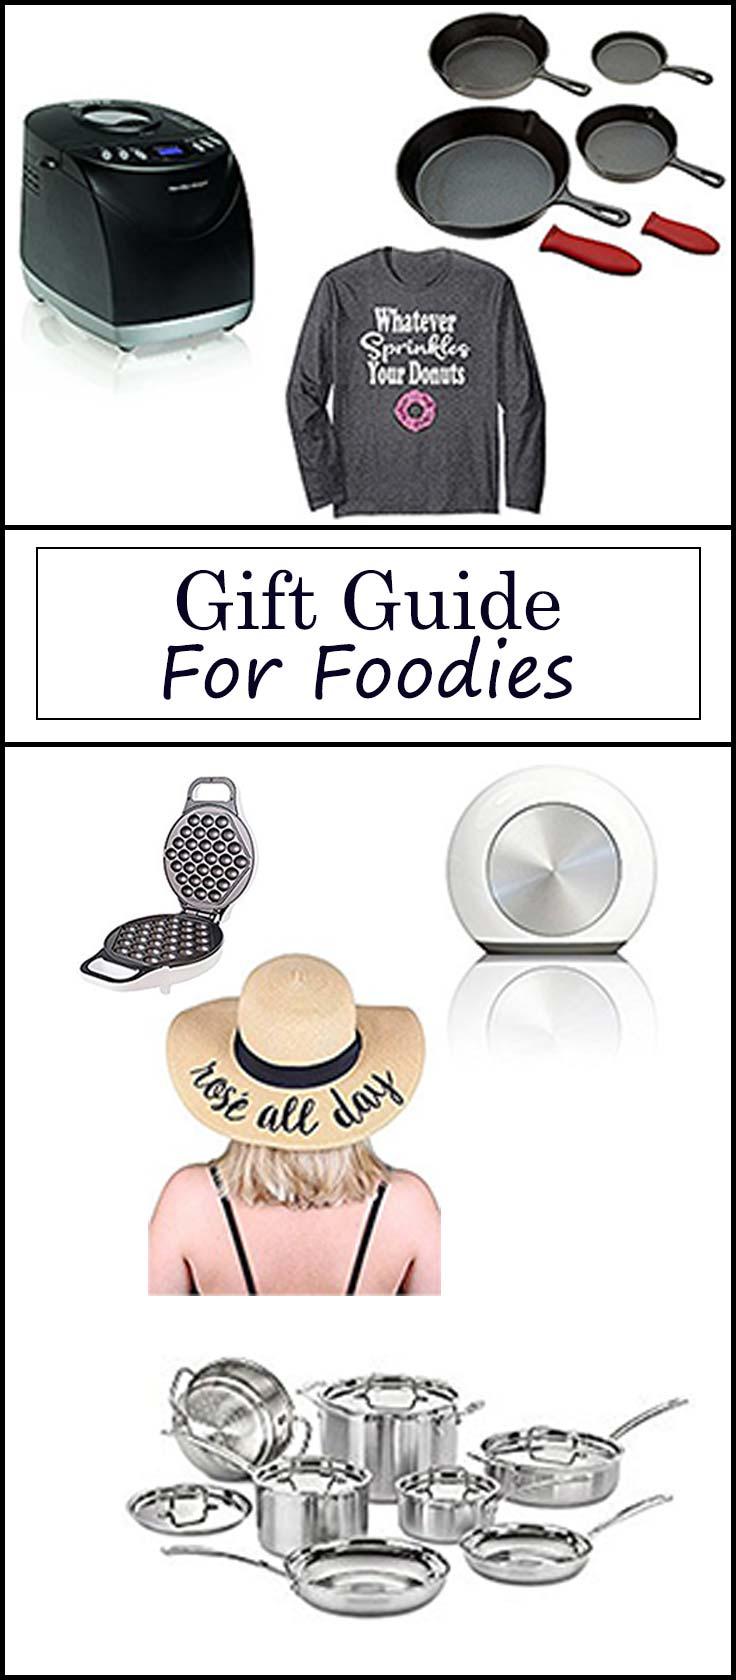 Gift Guide for Foodiesfrom www.seasonedsprinkles.com